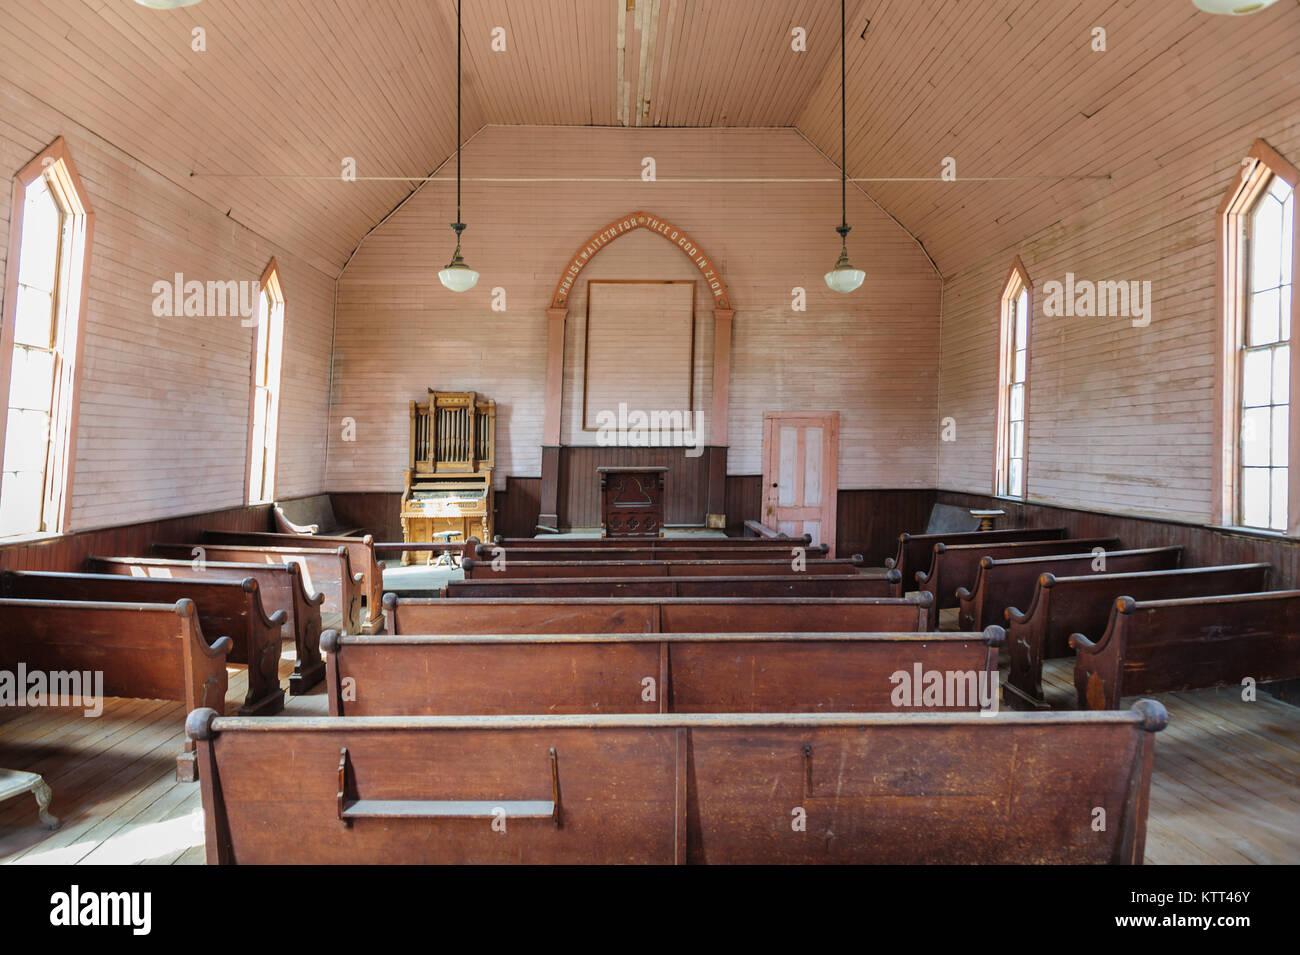 L'intérieur d'une église abandonnée Photo Stock